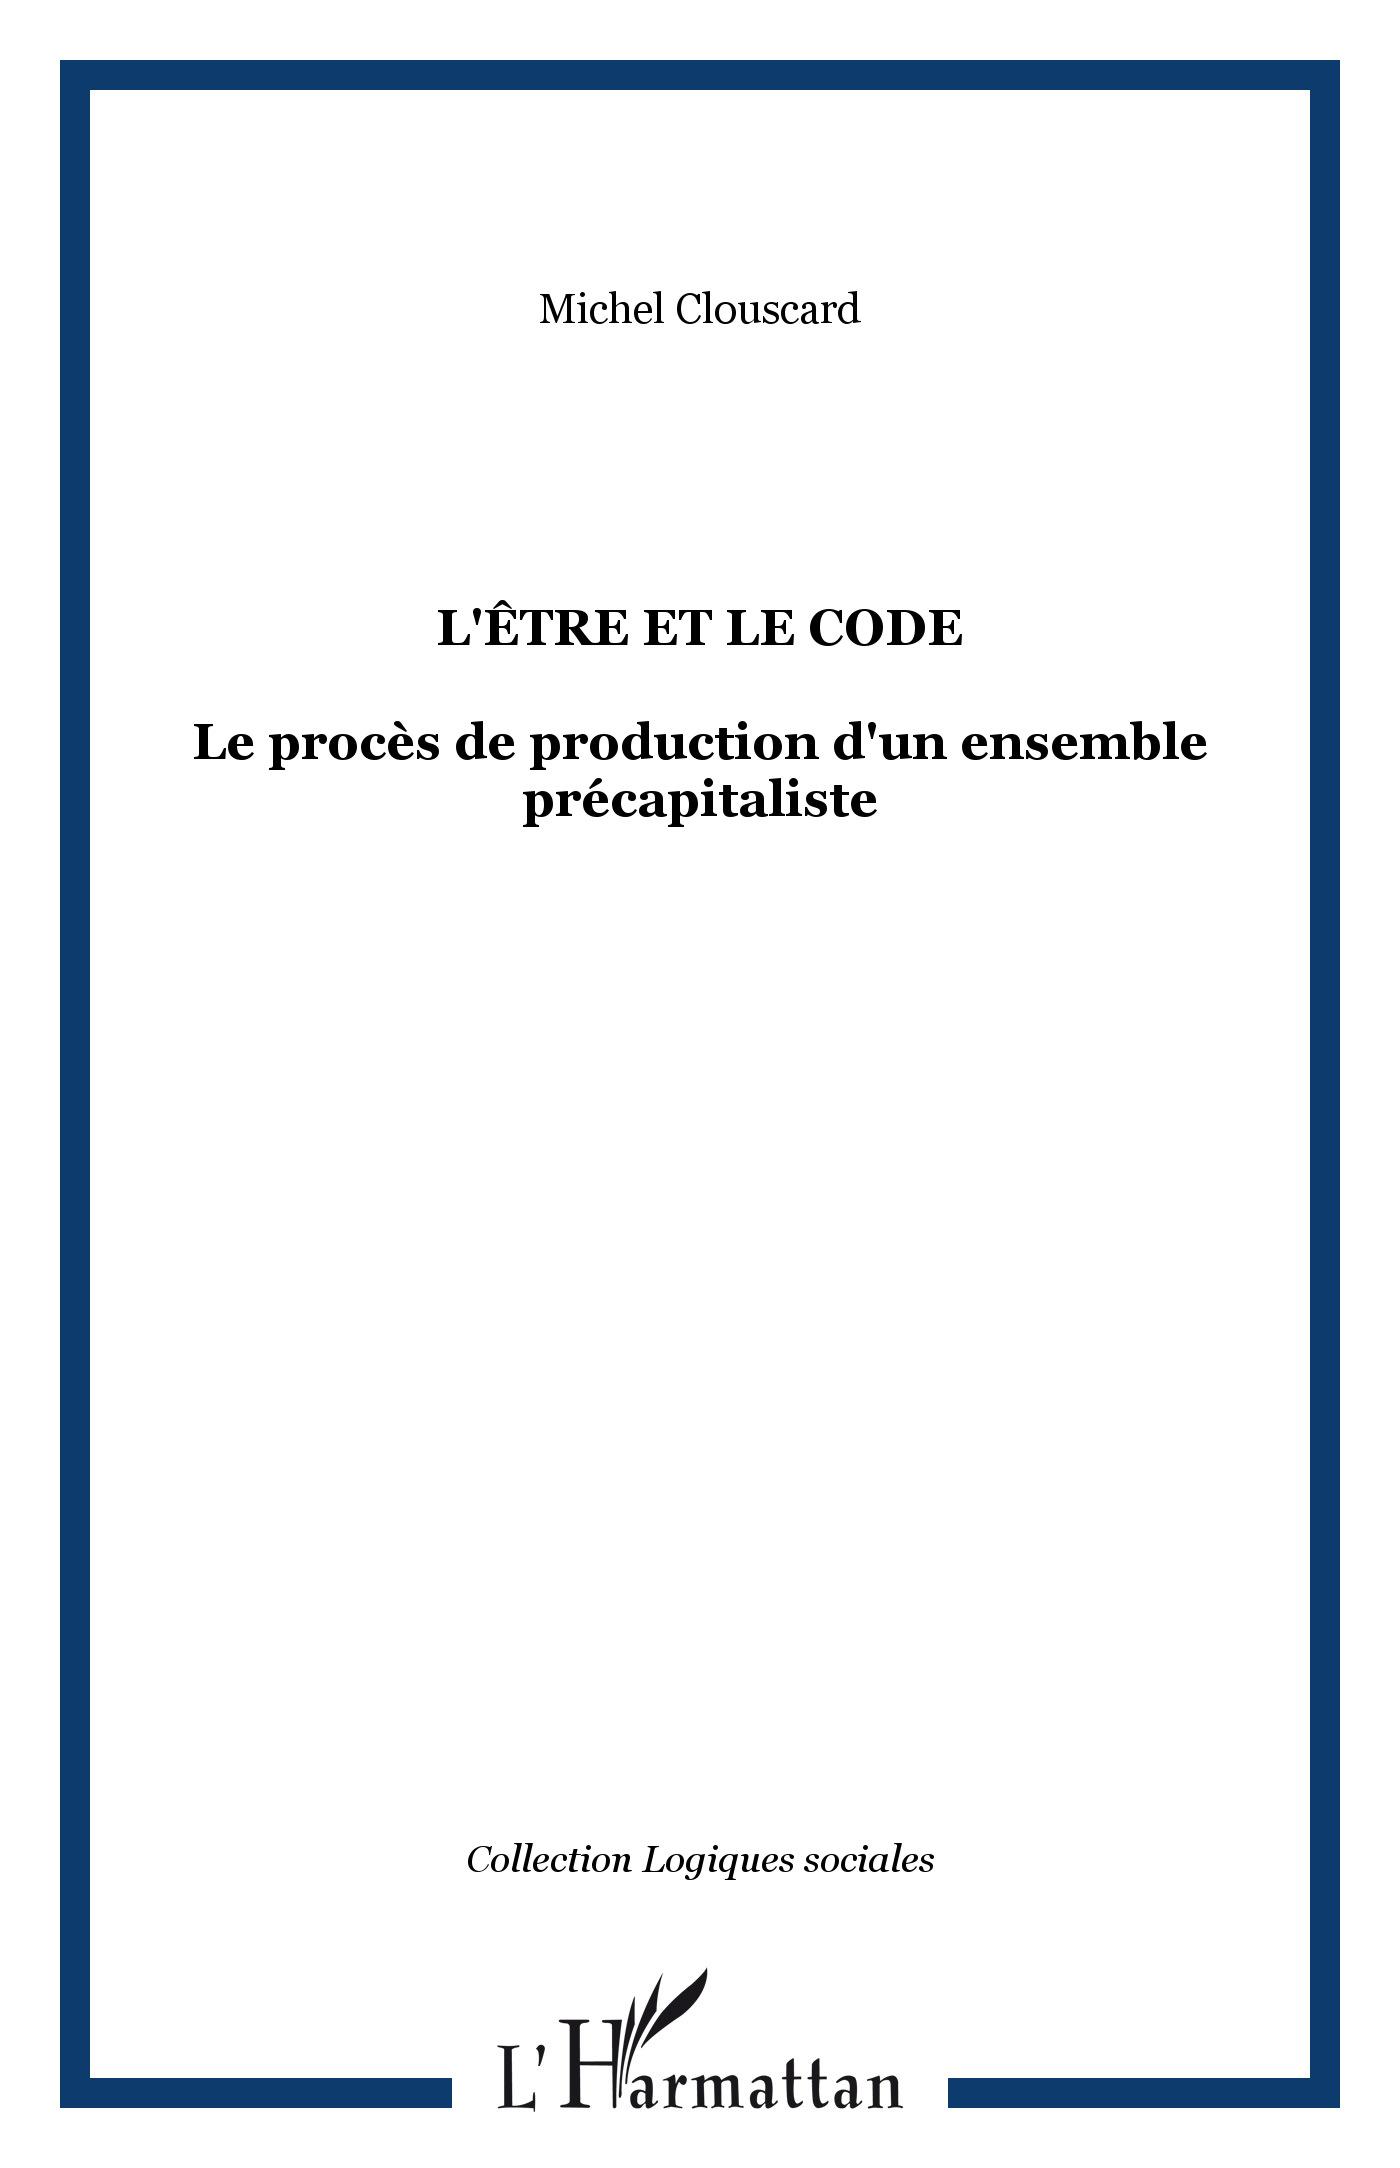 L'être et le code - Michel Clouscard